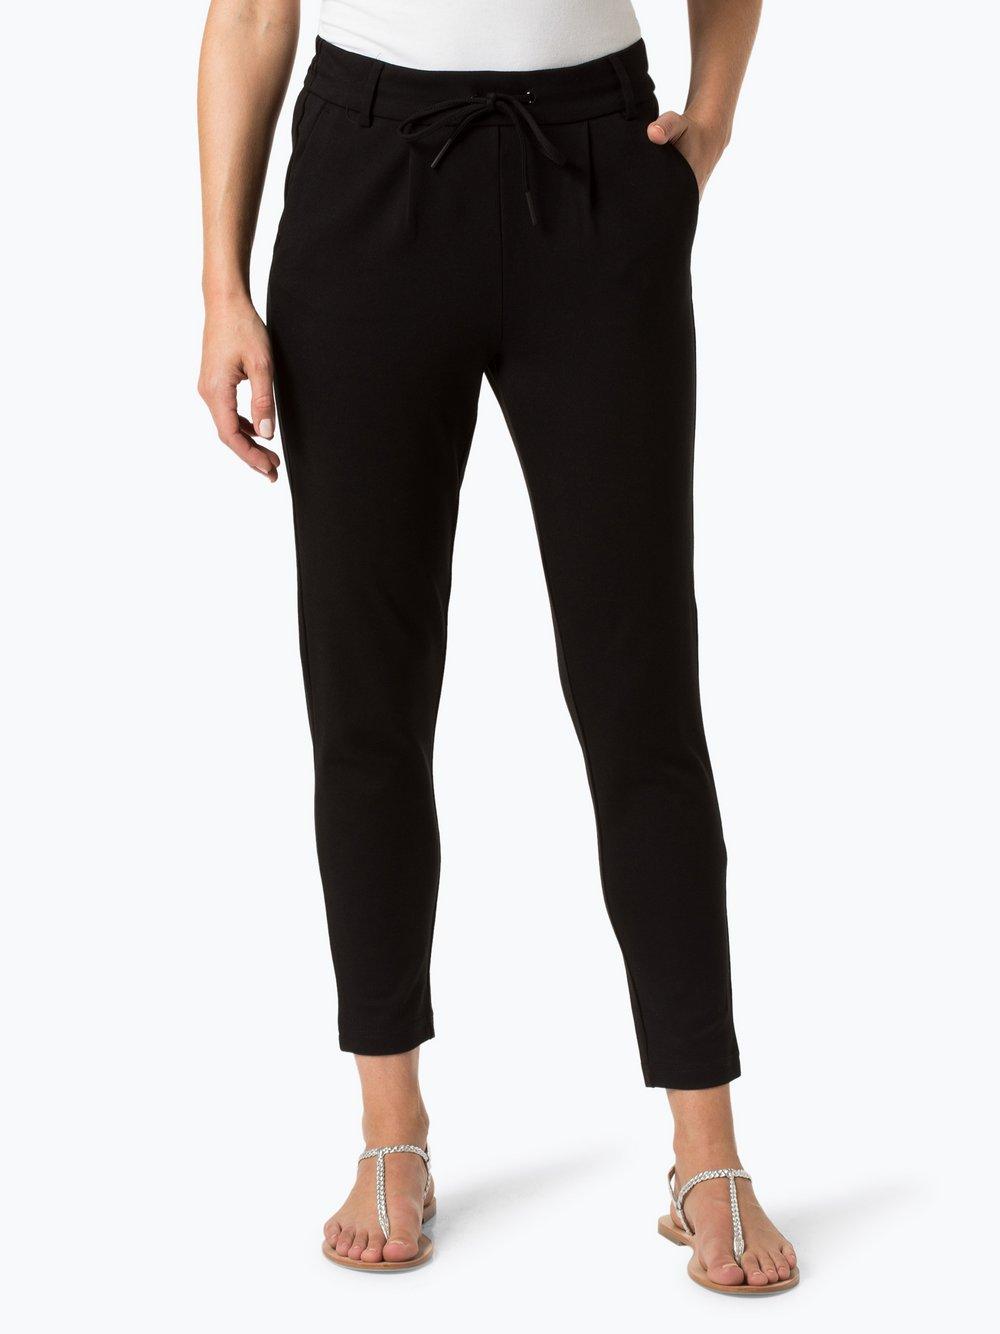 ONLY - Spodnie damskie – Poptrash Easy, czarny